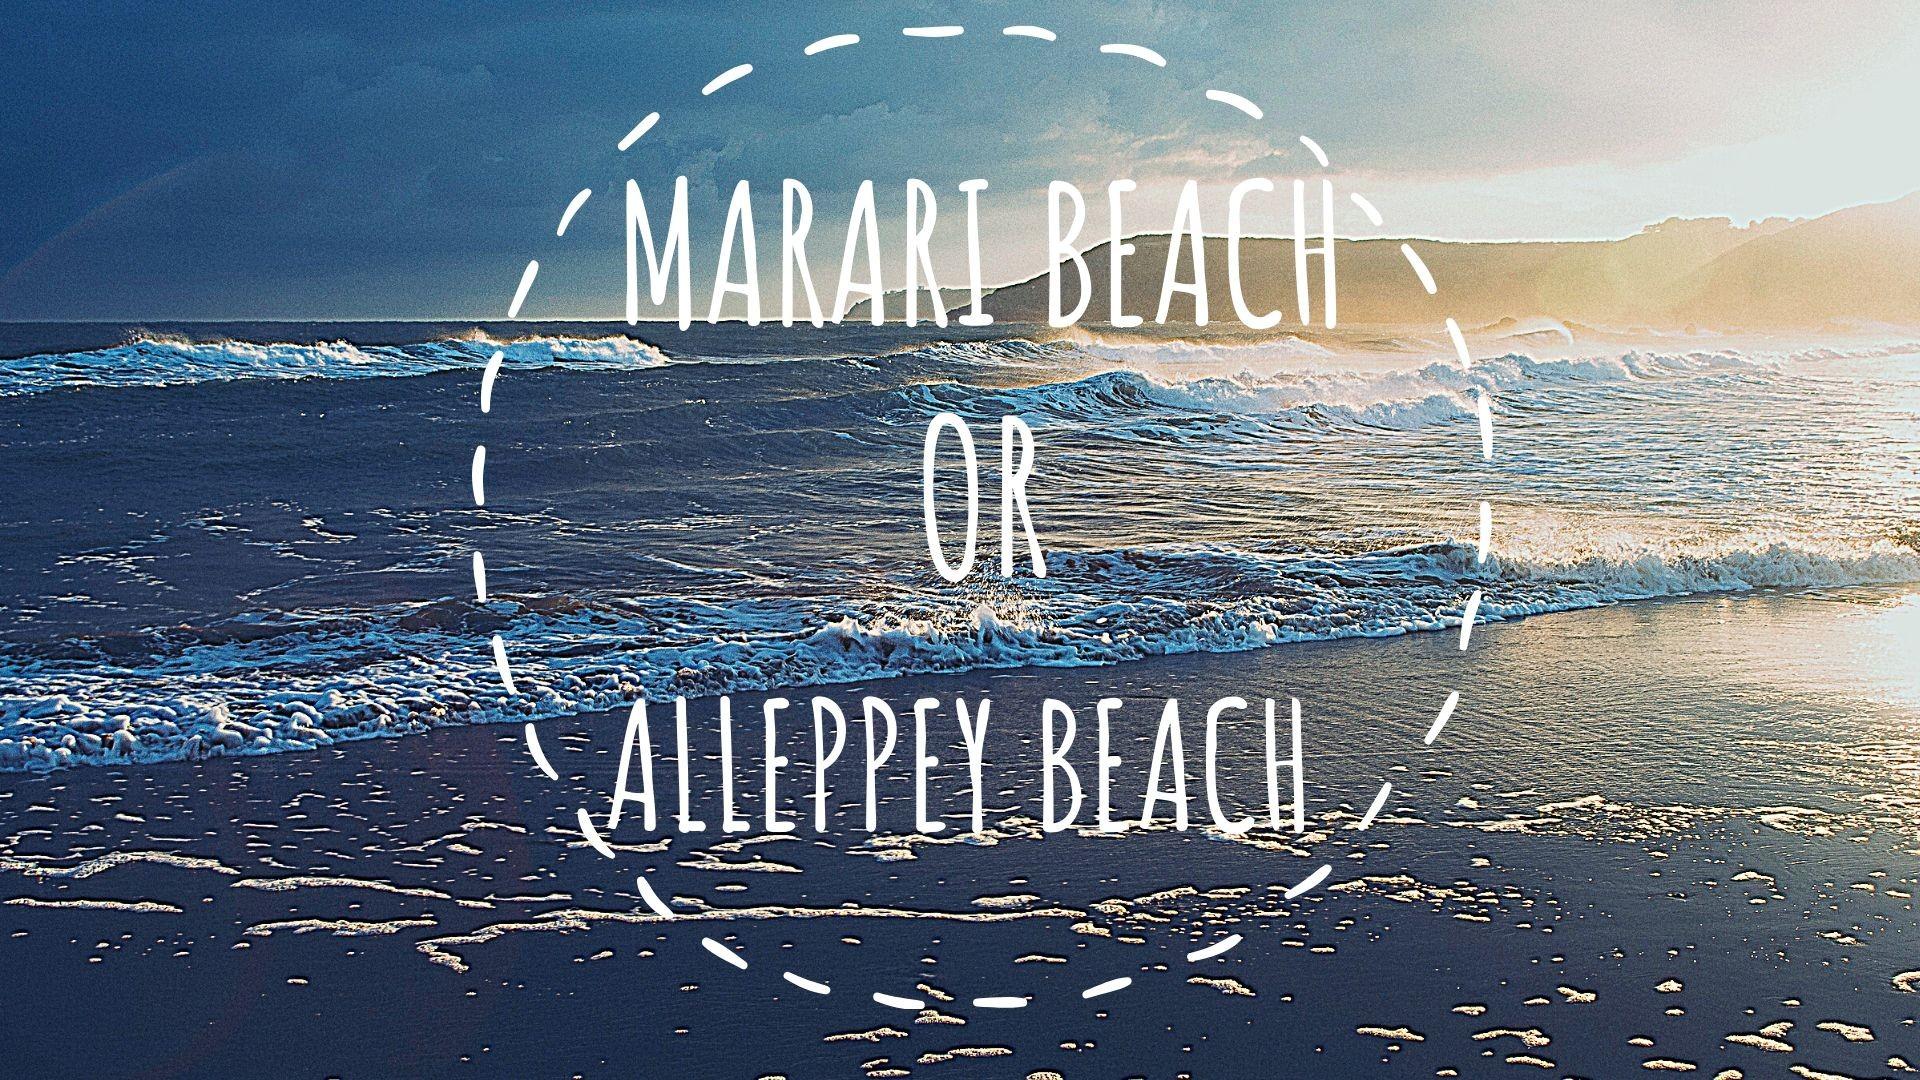 Marari or Alleppey Beach